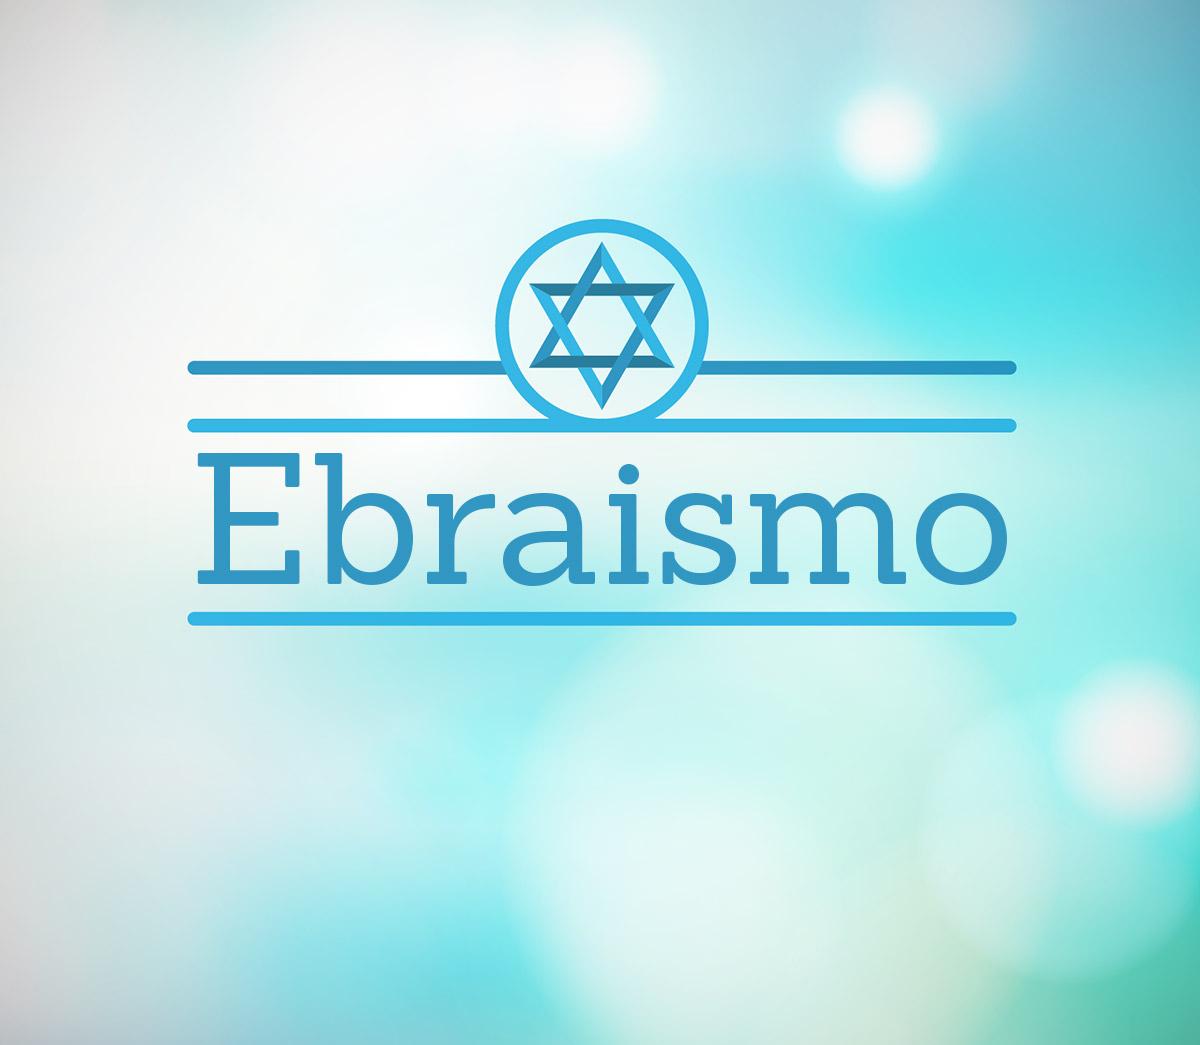 Come Si Chiama Il Calendario Ebraico.Ebraismo Il Paese Dei Bambini Che Sorridono